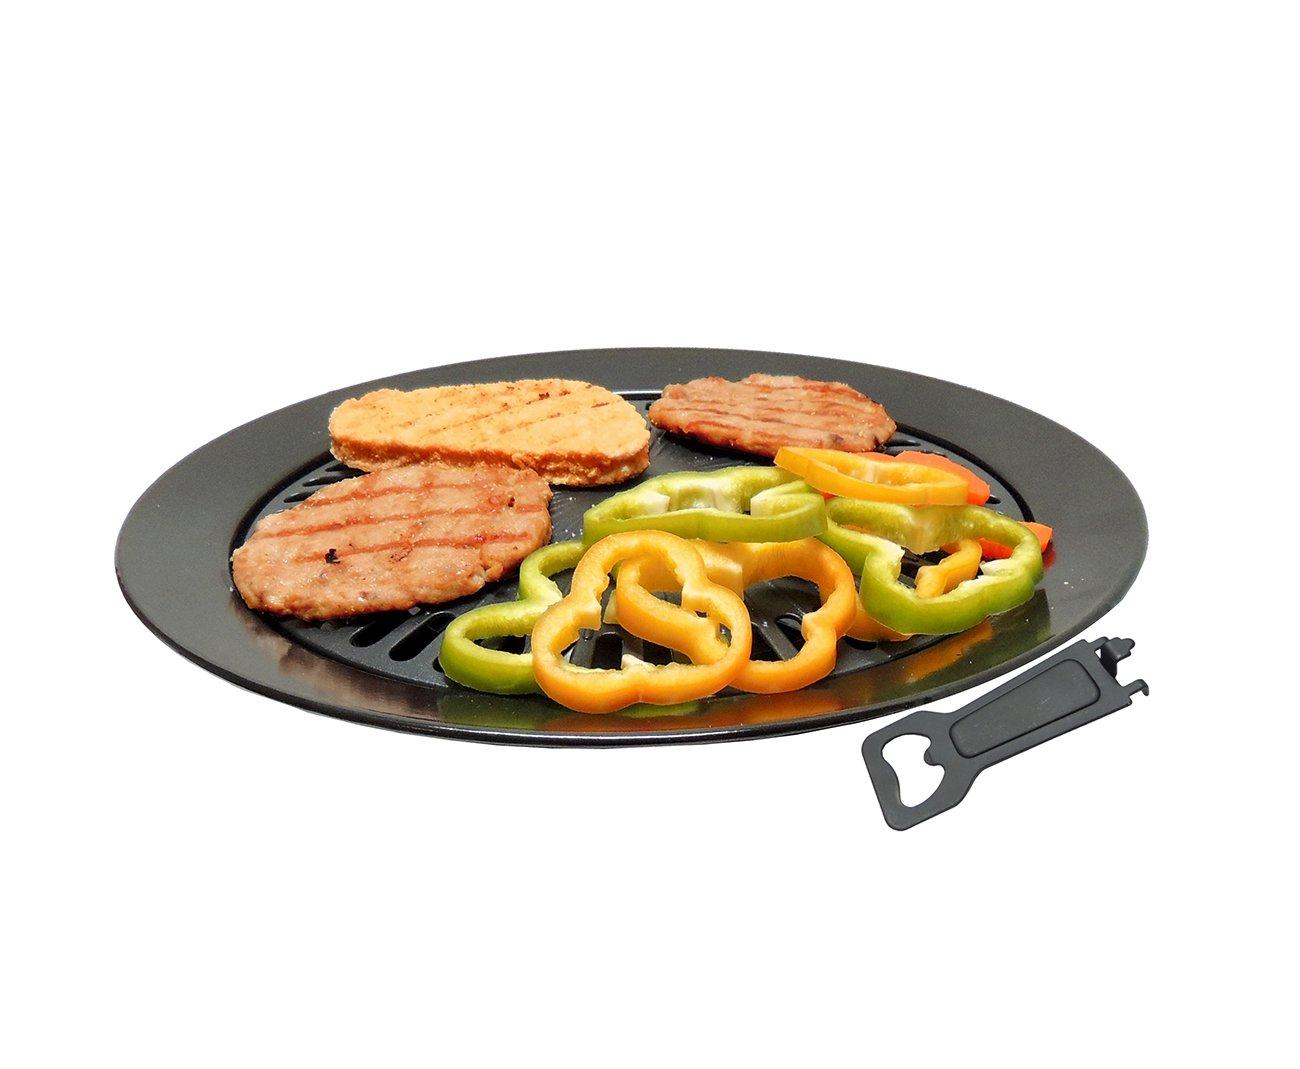 Grill Plate Para Fogareiro Portatil E Fogão Domestico - Guepardo